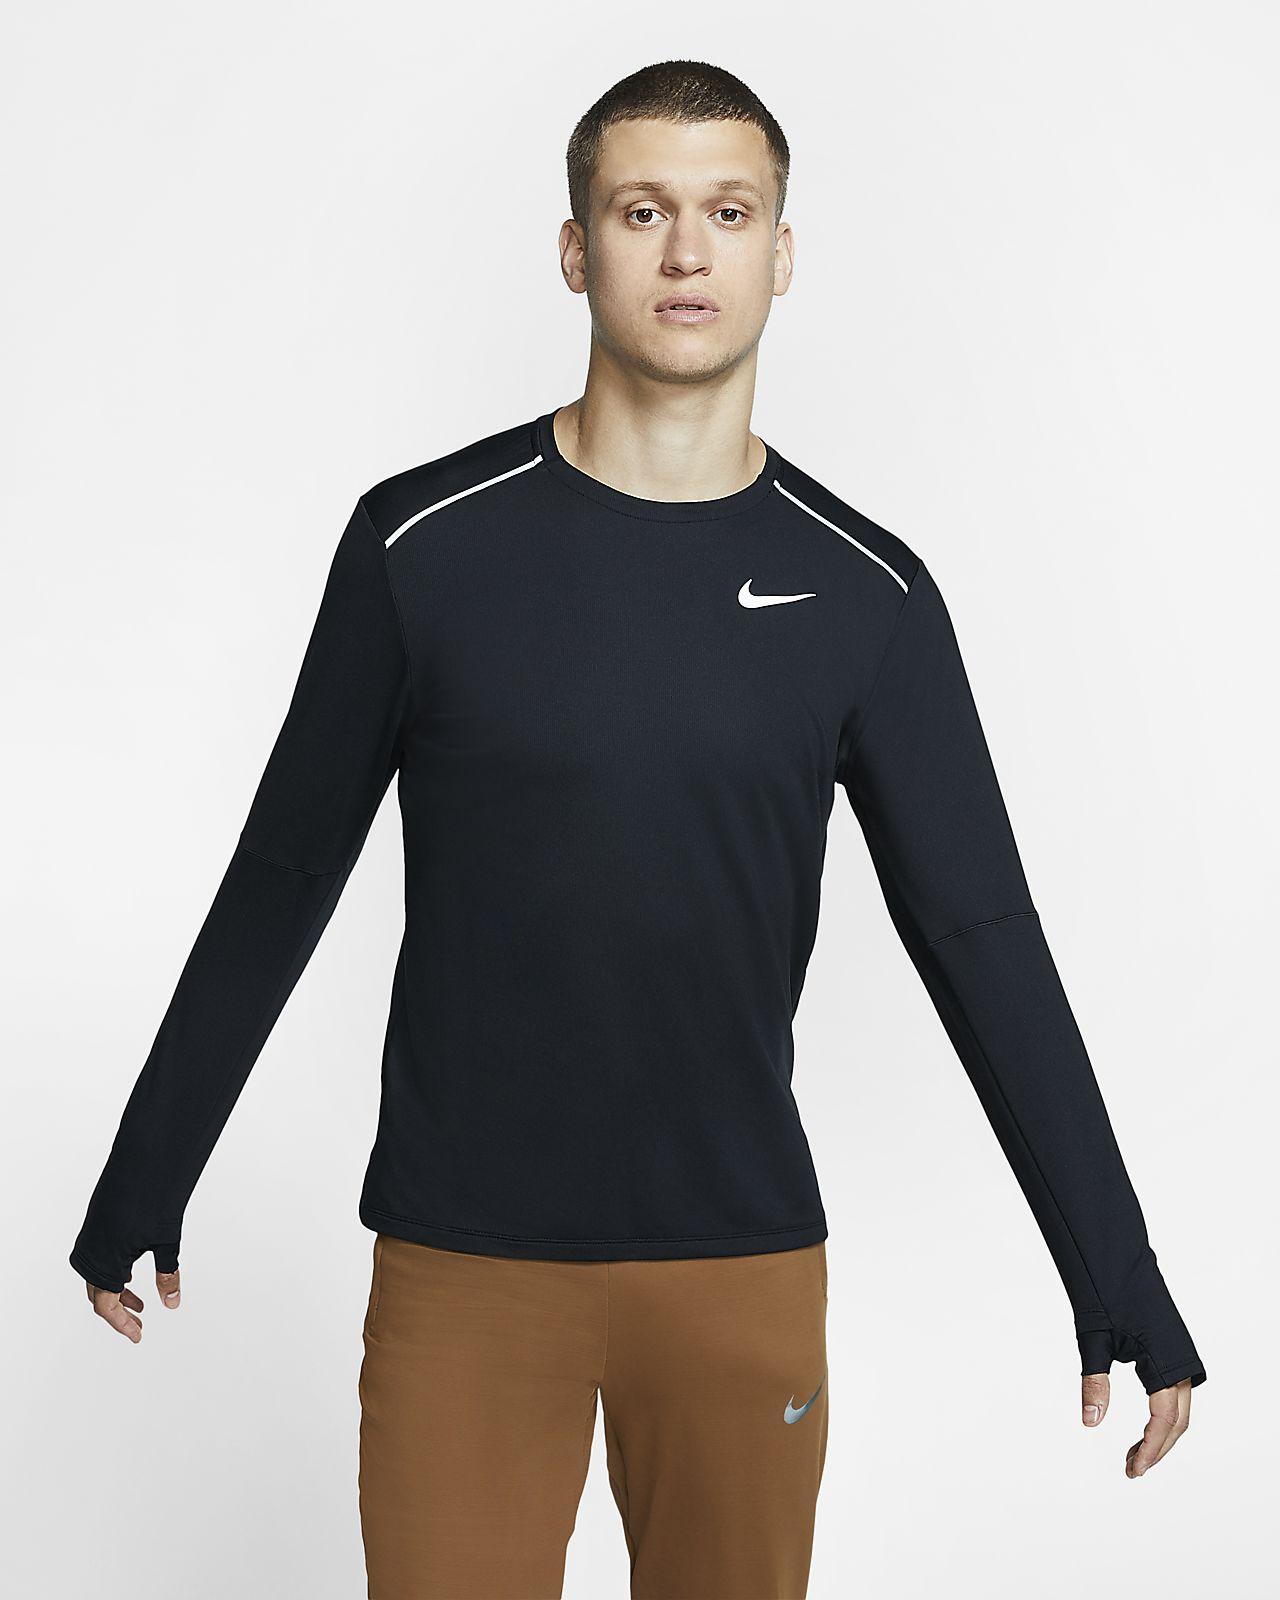 Pánská běžecká mikina Nike 3.0 s kulatým výstřihem